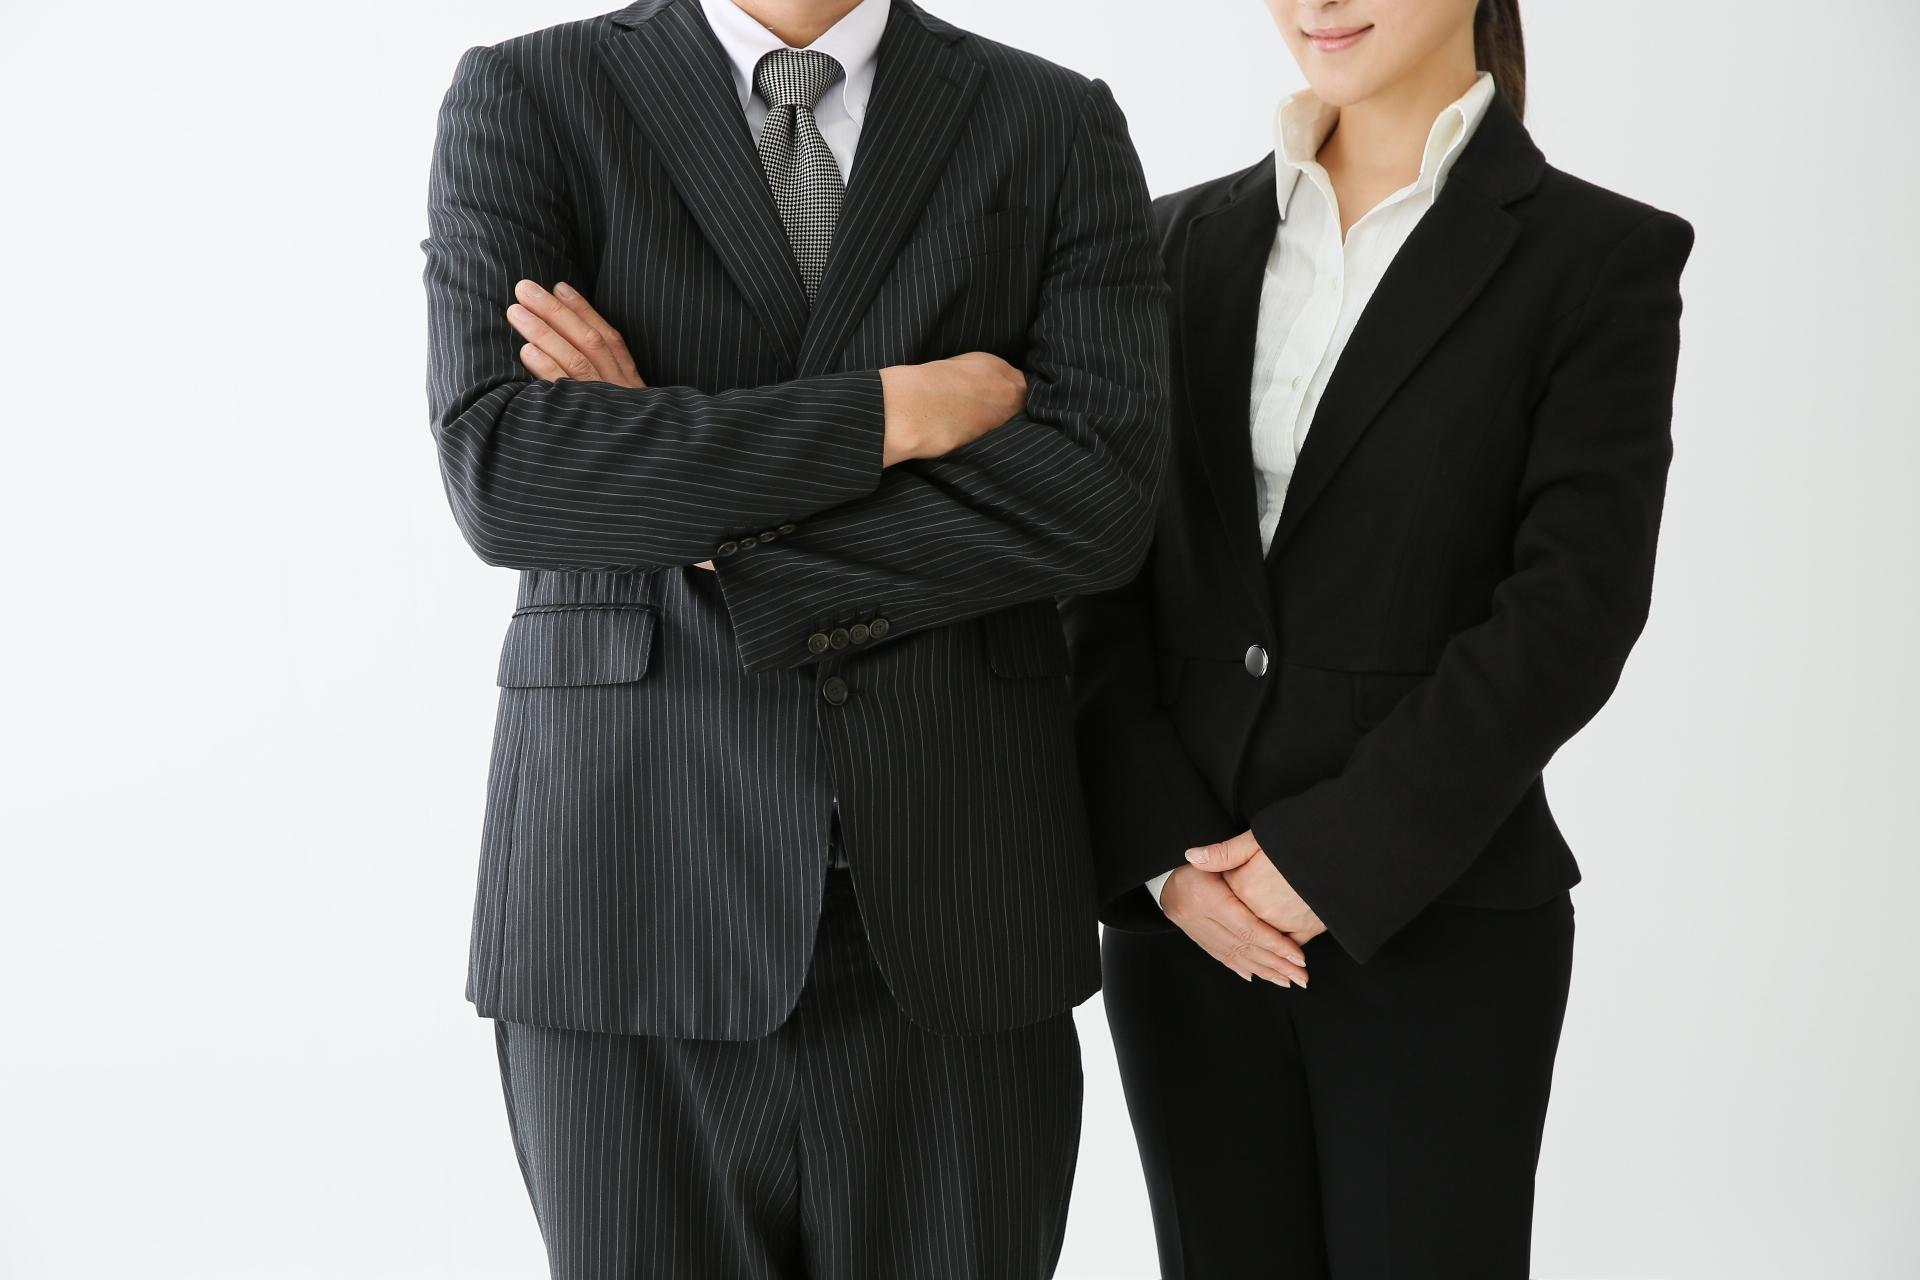 会社設立するなら家族を役員にするべき?「みなし役員制度」